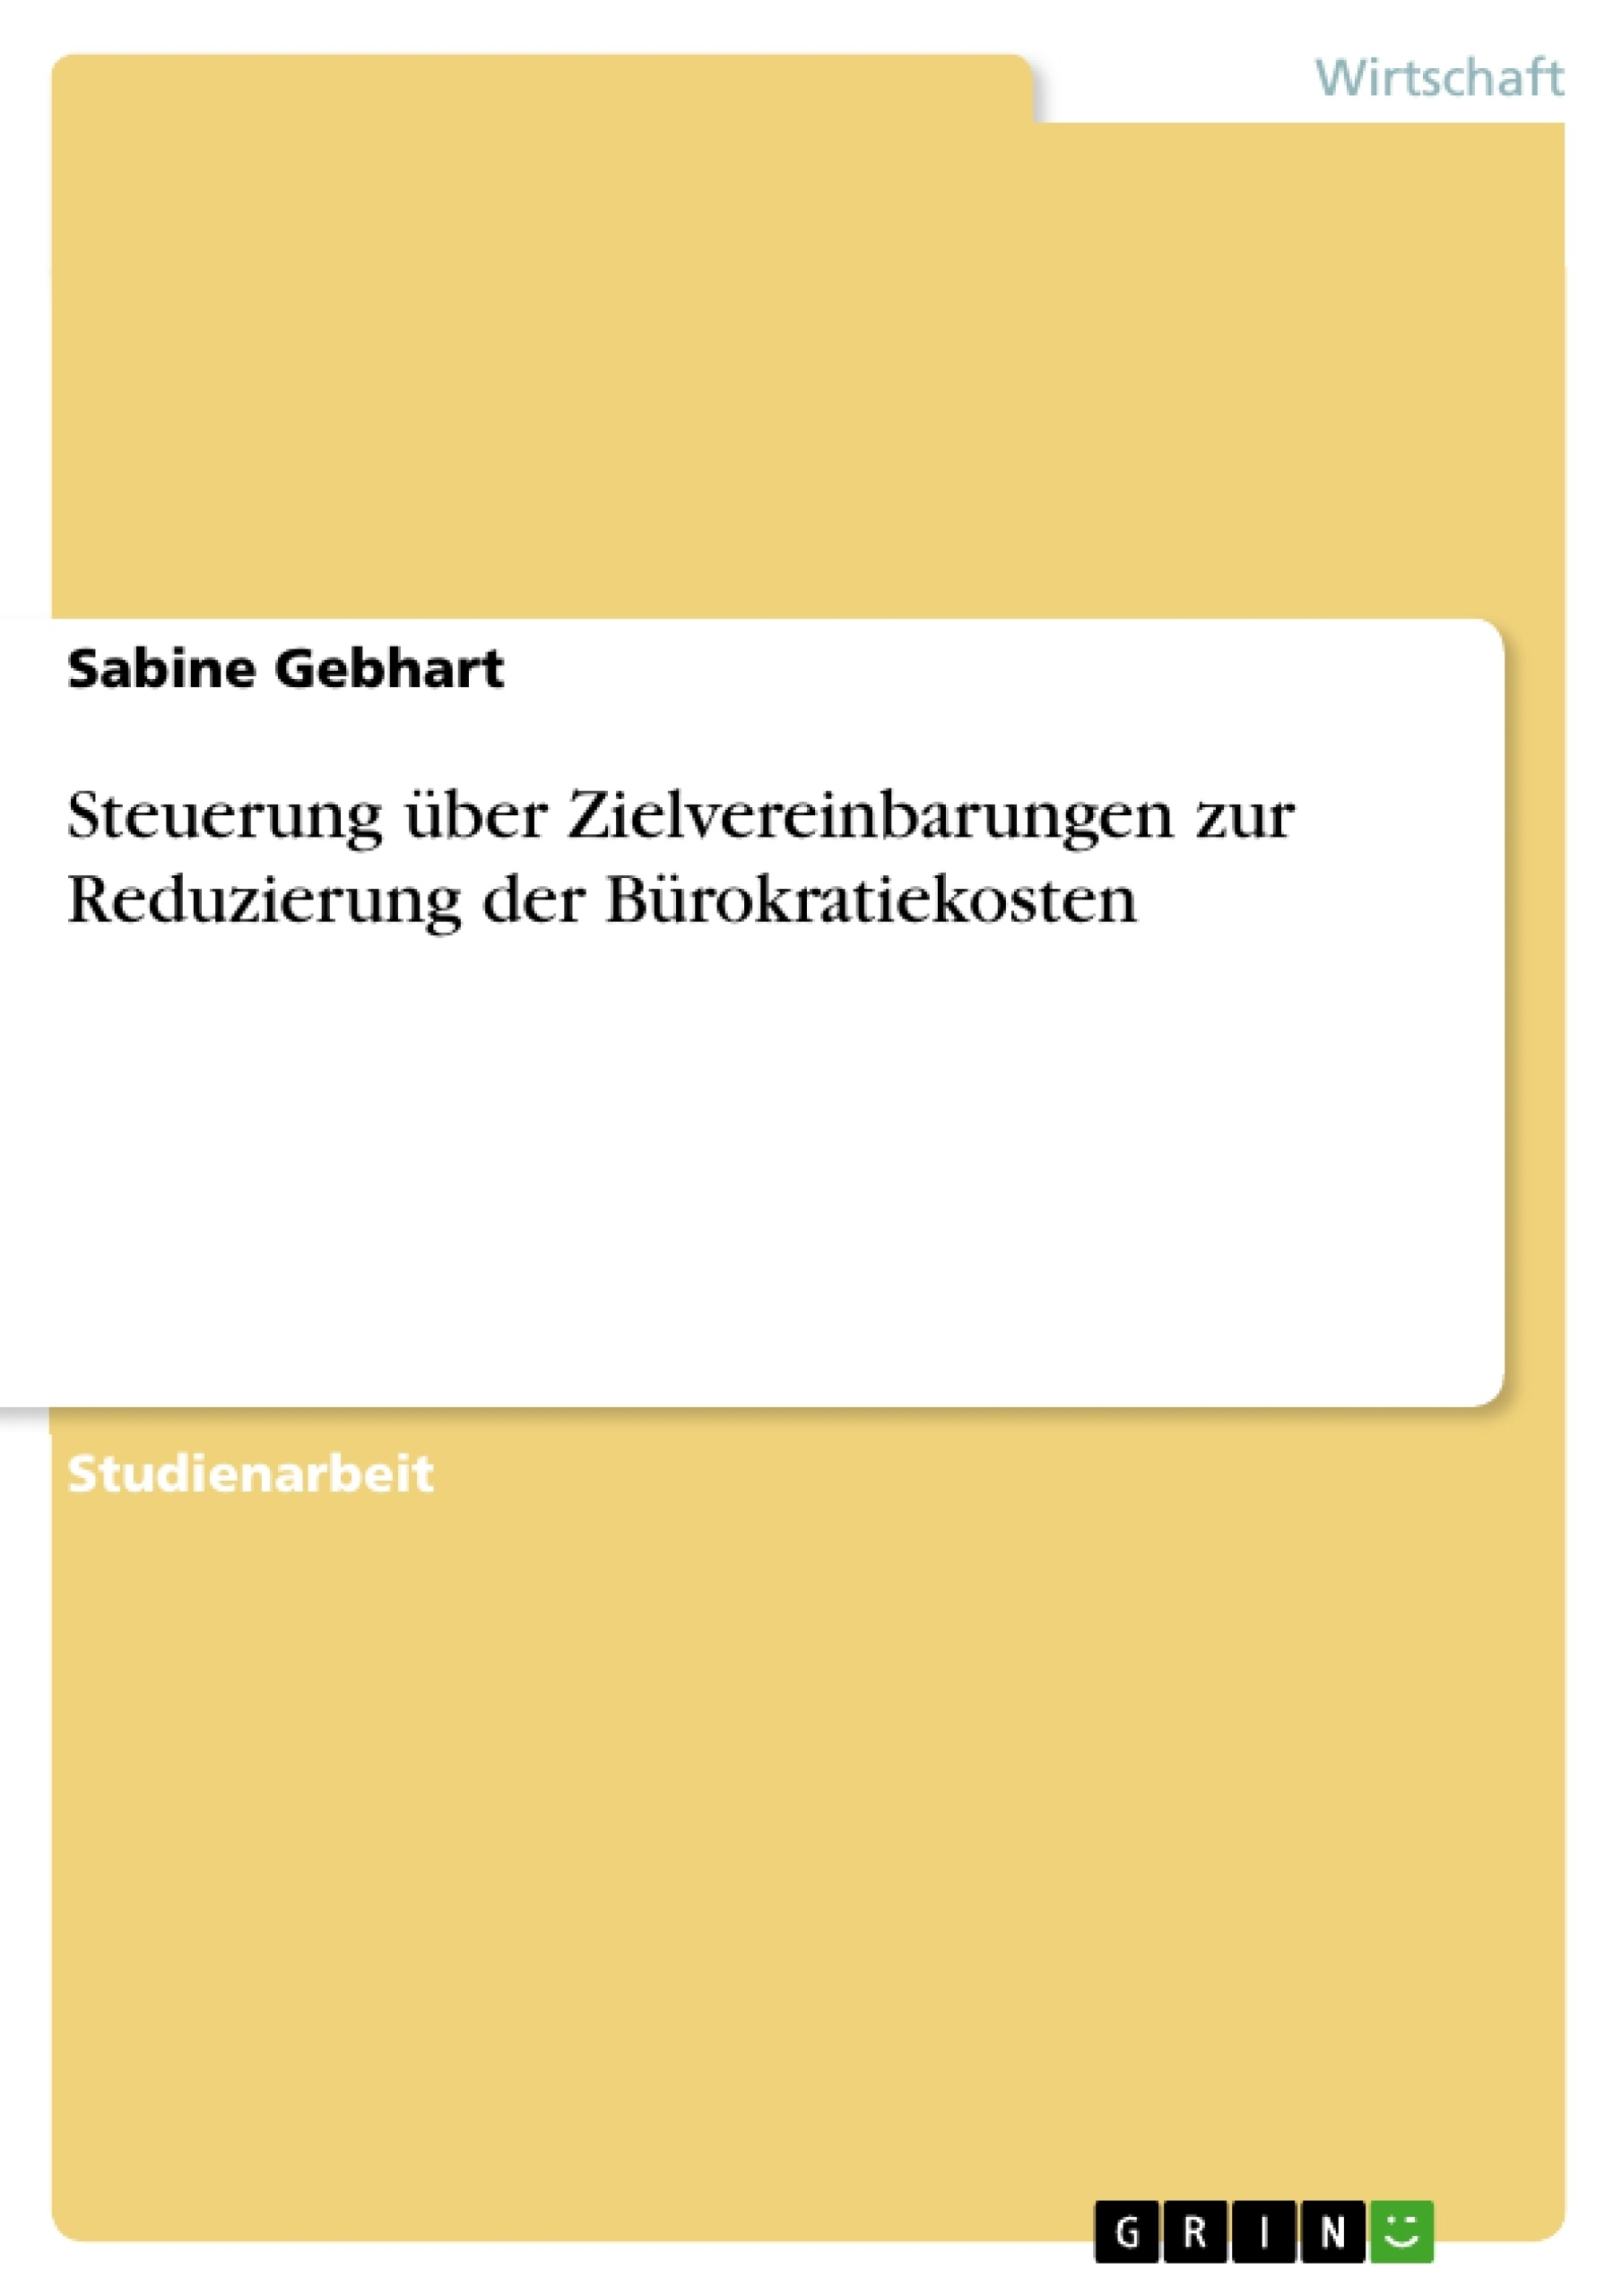 Titel: Steuerung über Zielvereinbarungen zur Reduzierung der Bürokratiekosten